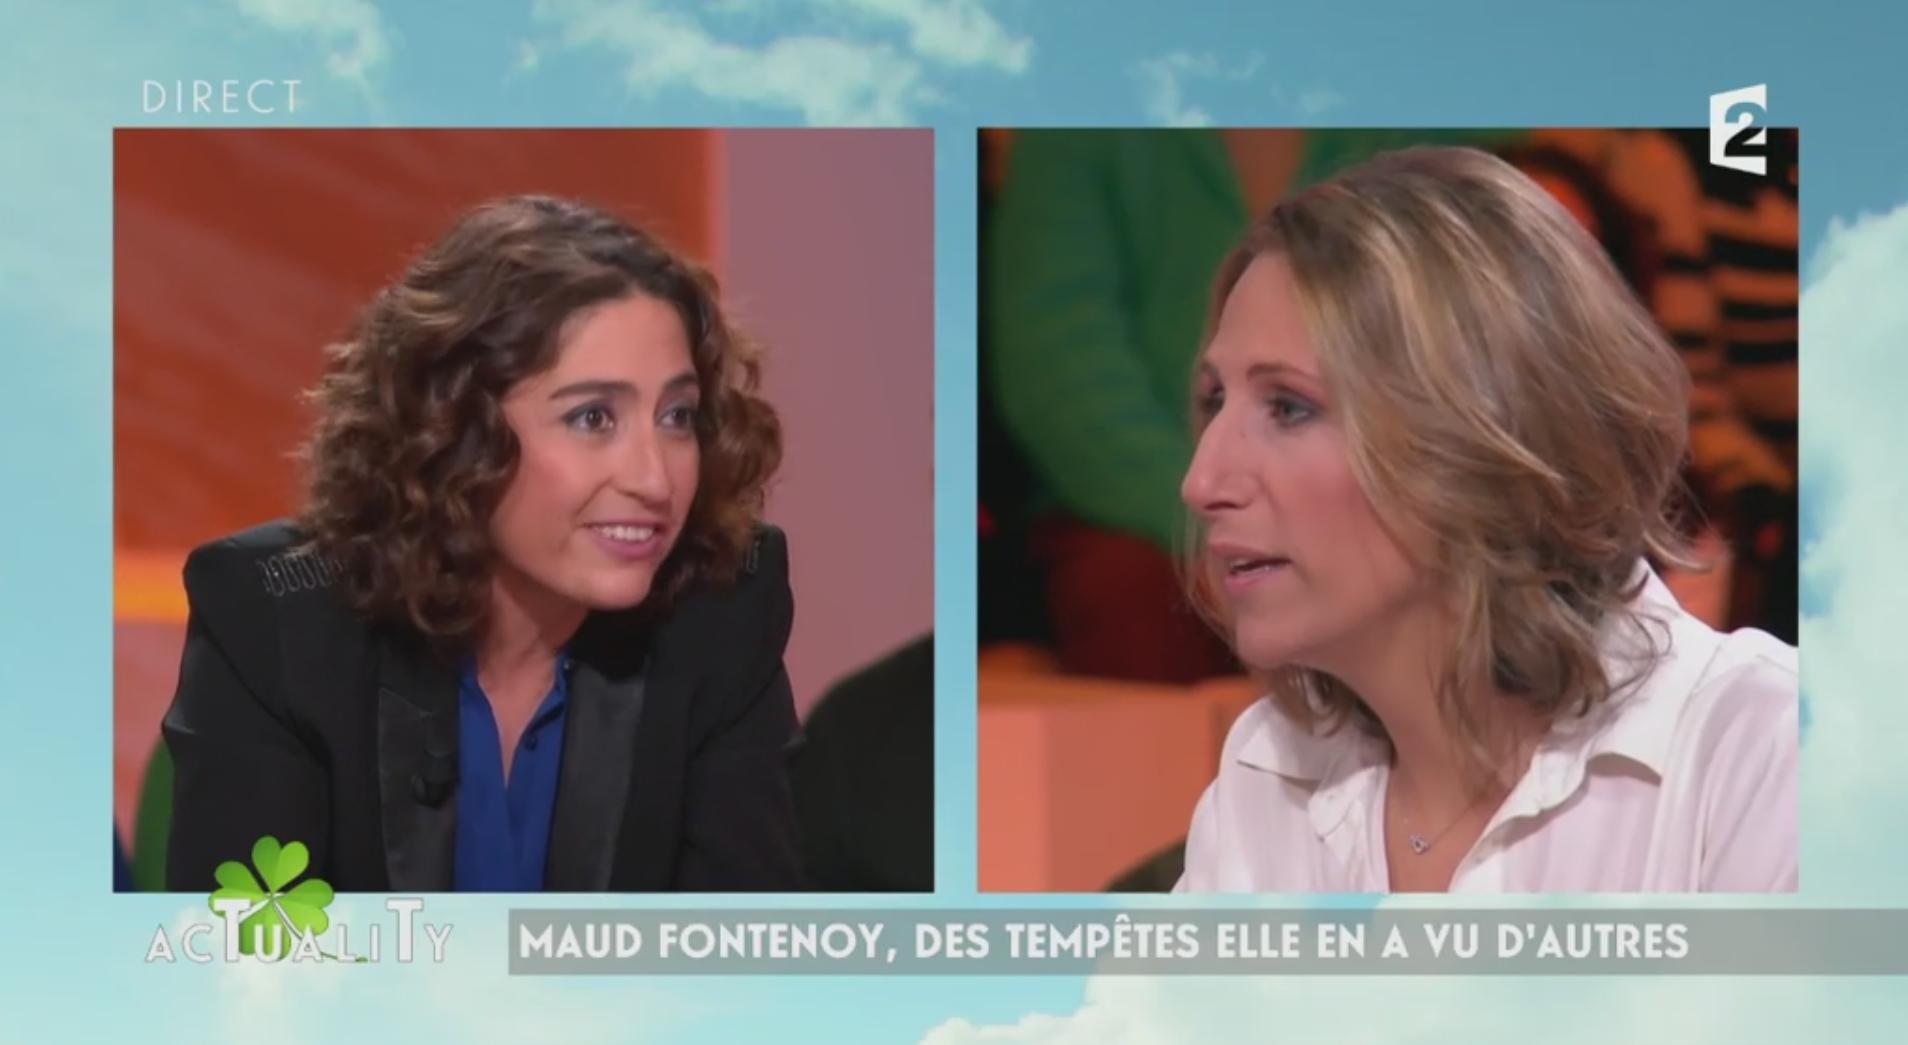 Vif échange entre l'ancienne navigatrice Maud Fontenoy et Isabelle Saporta — AcTualiTy